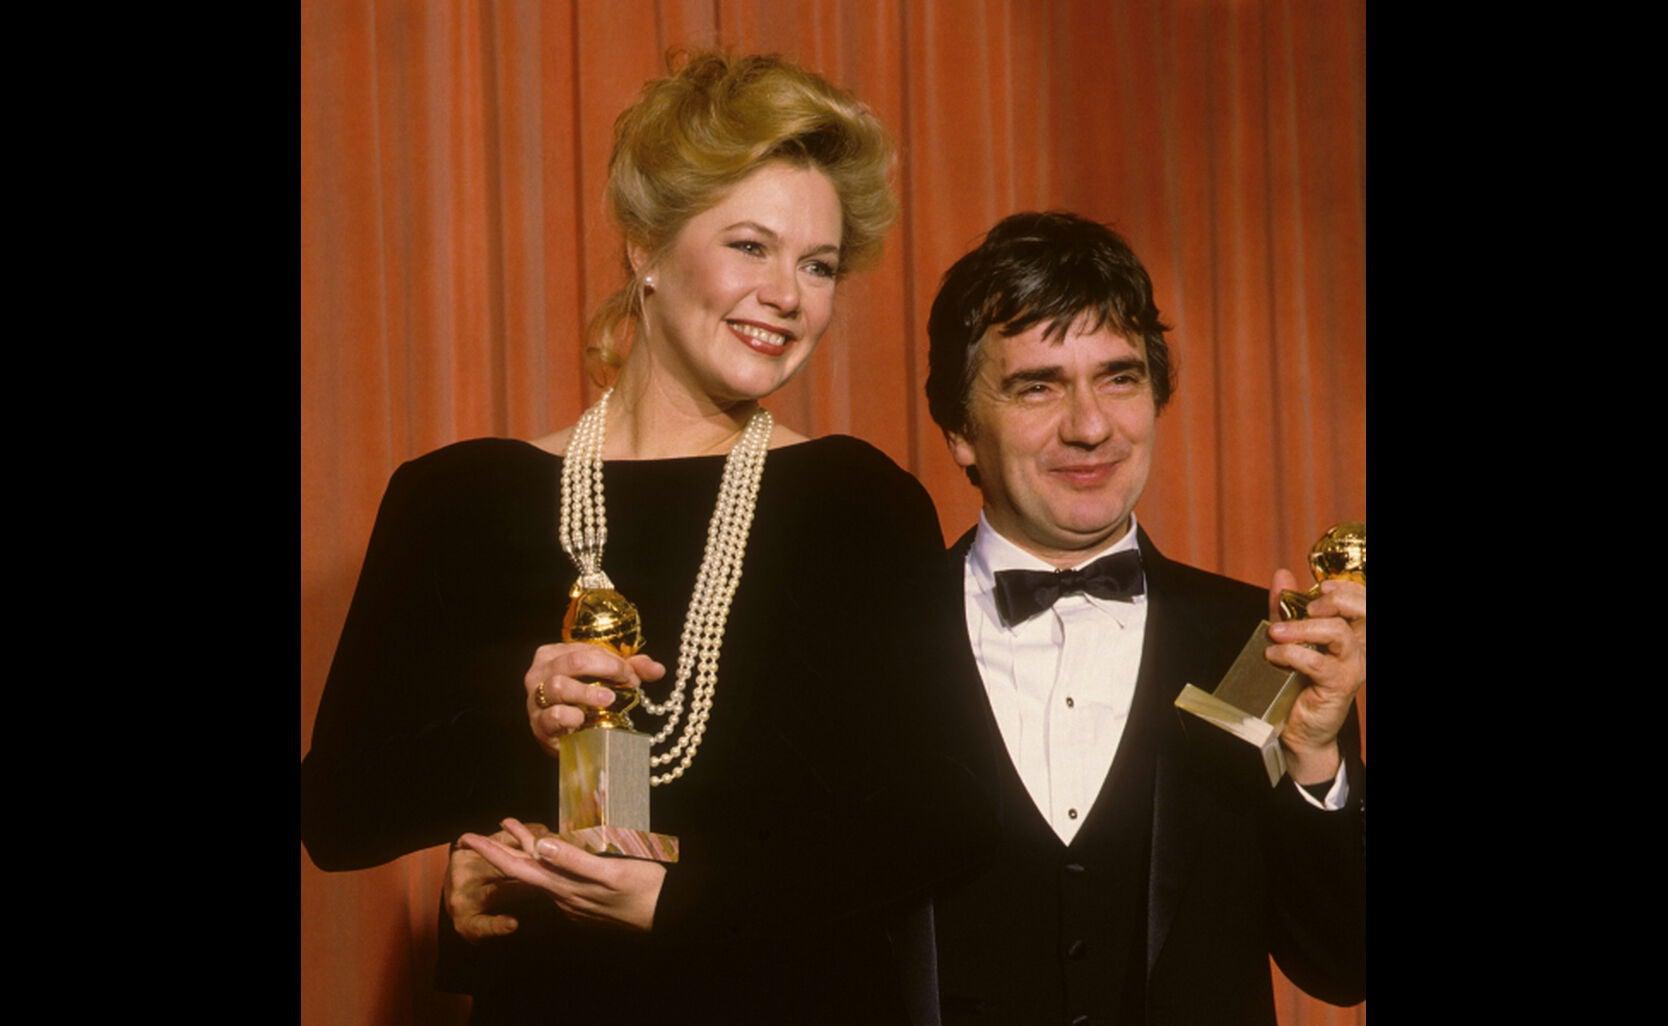 Kathleen Turner, Dudley Moore, 1985